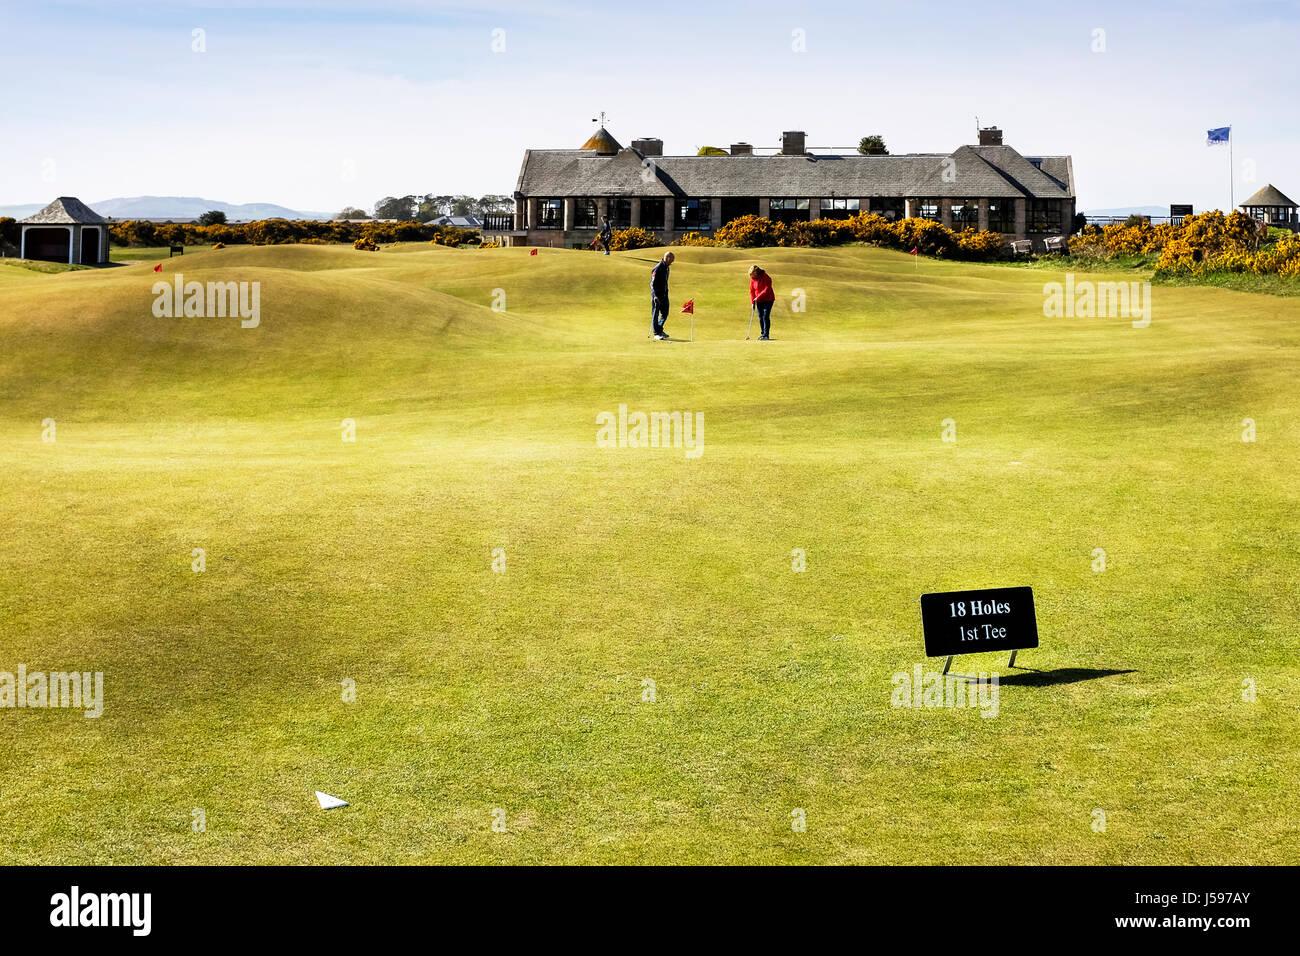 Himalayas Putting course, St Andrews, Fife, Scotland, UK - Stock Image